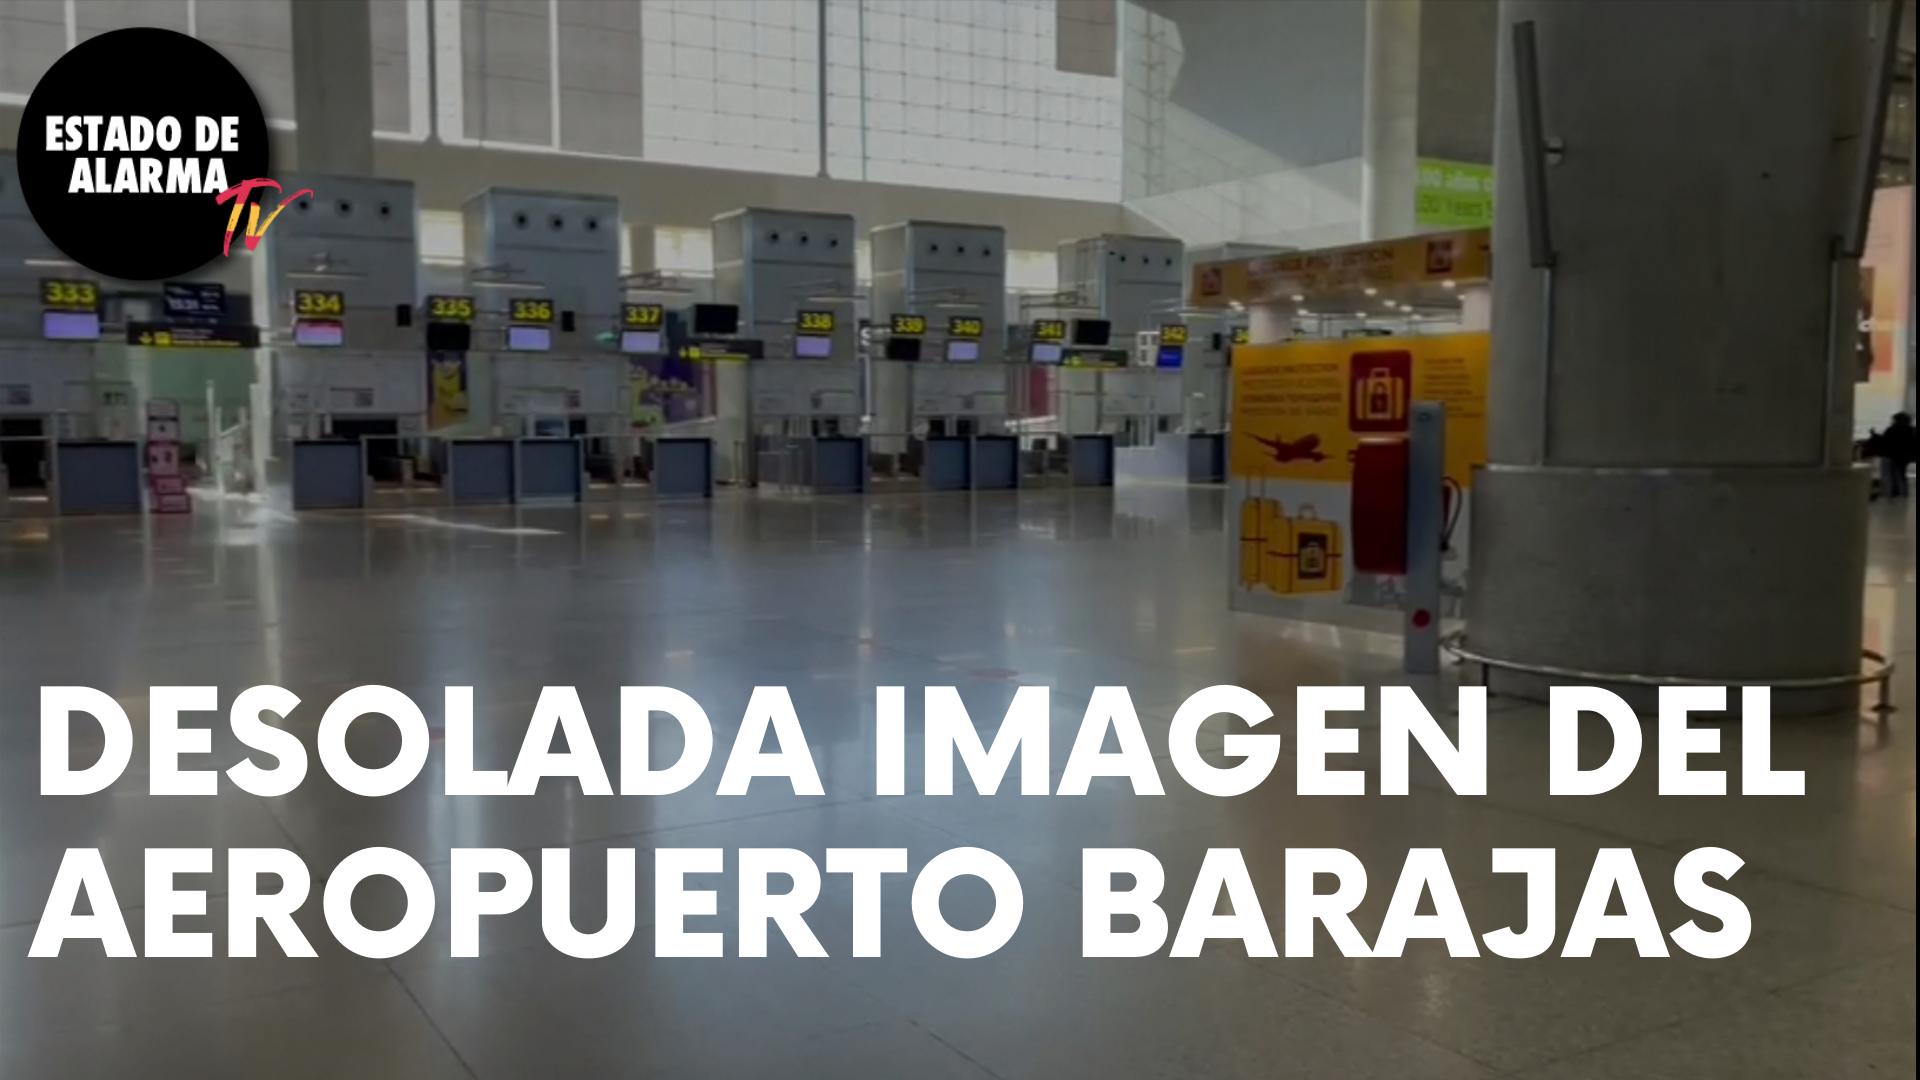 RUINA: El AEROPUERTO DE BARAJAS VACÍO